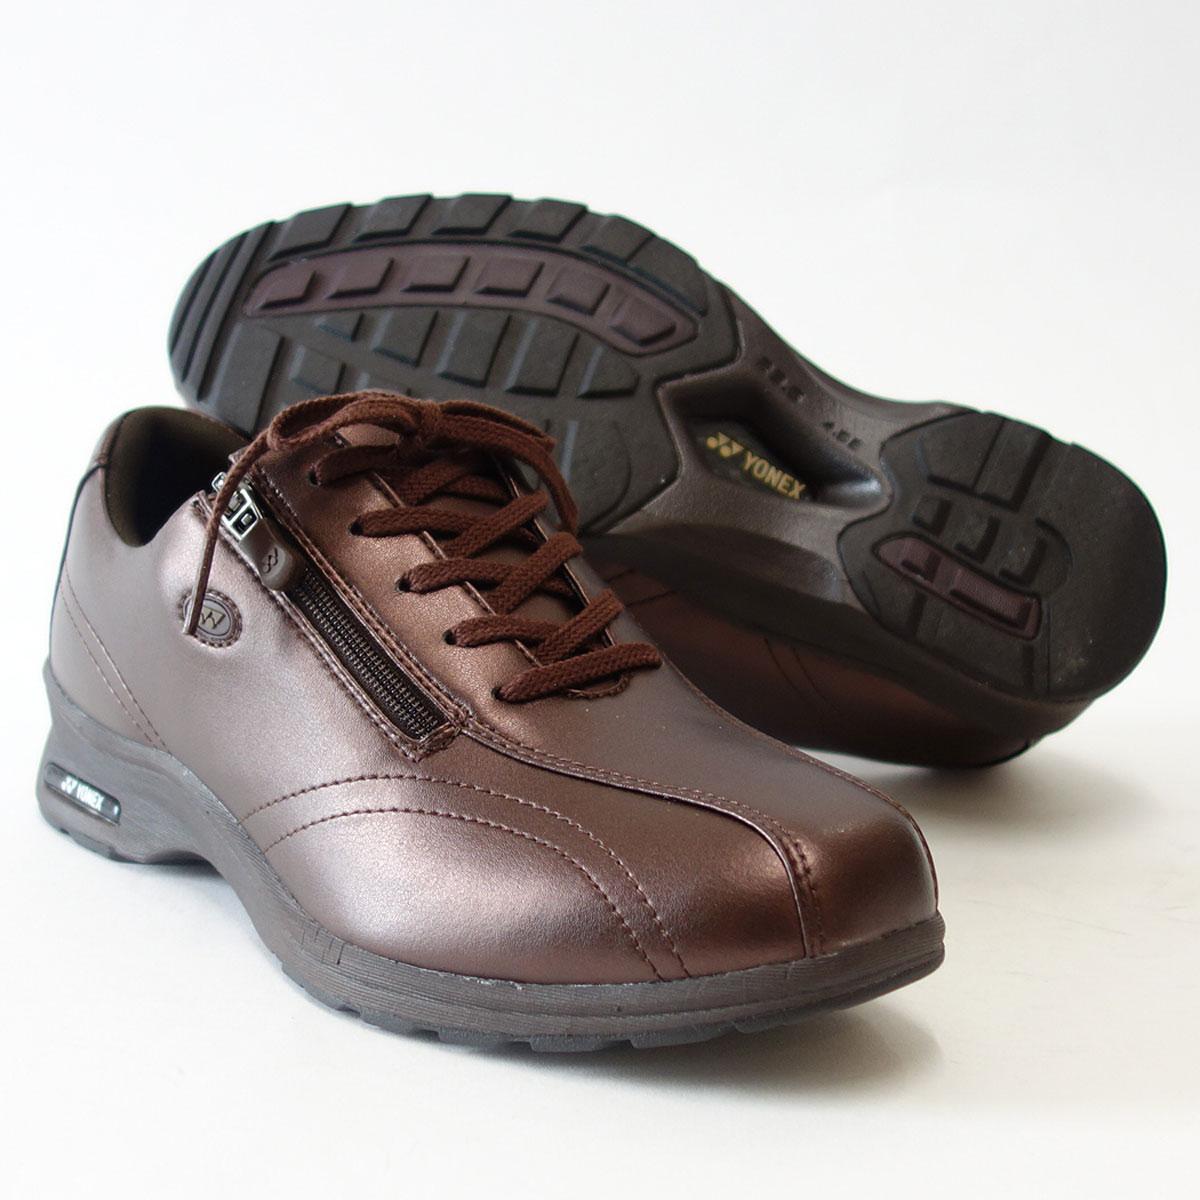 4.5Eのワイド幅&ハイパーライトソールで超軽量ストレッチ素材で足に楽々フィット!【YONEX】ヨネックスLC30W ブロンズ(レディース)軽い疲れにくいウォーキングシューズ『靴』